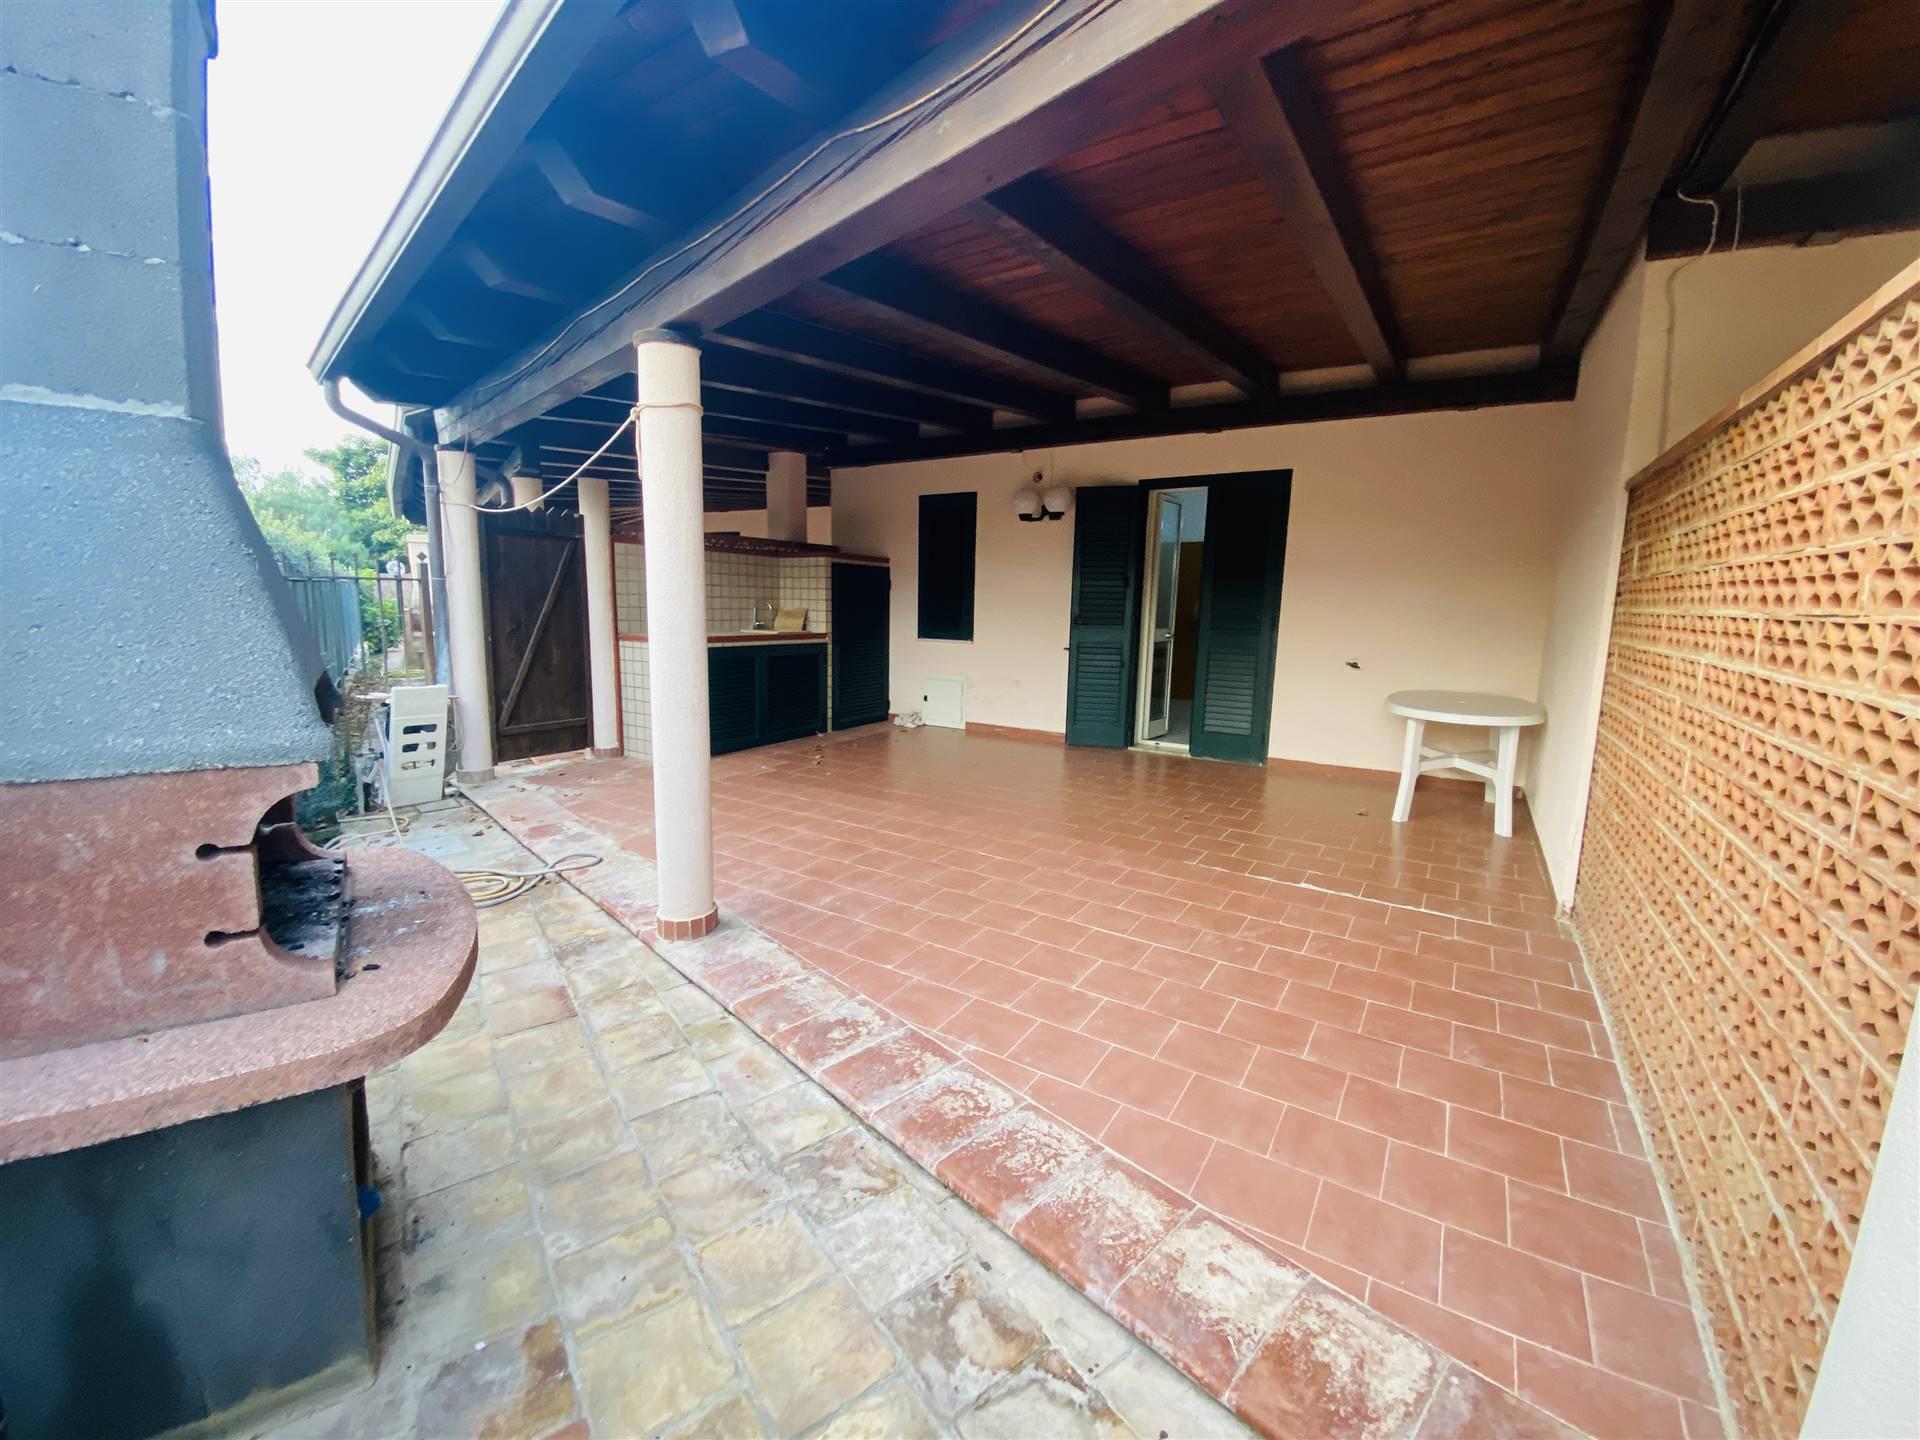 Villa in affitto a Campofelice di Roccella, 4 locali, prezzo € 450   CambioCasa.it